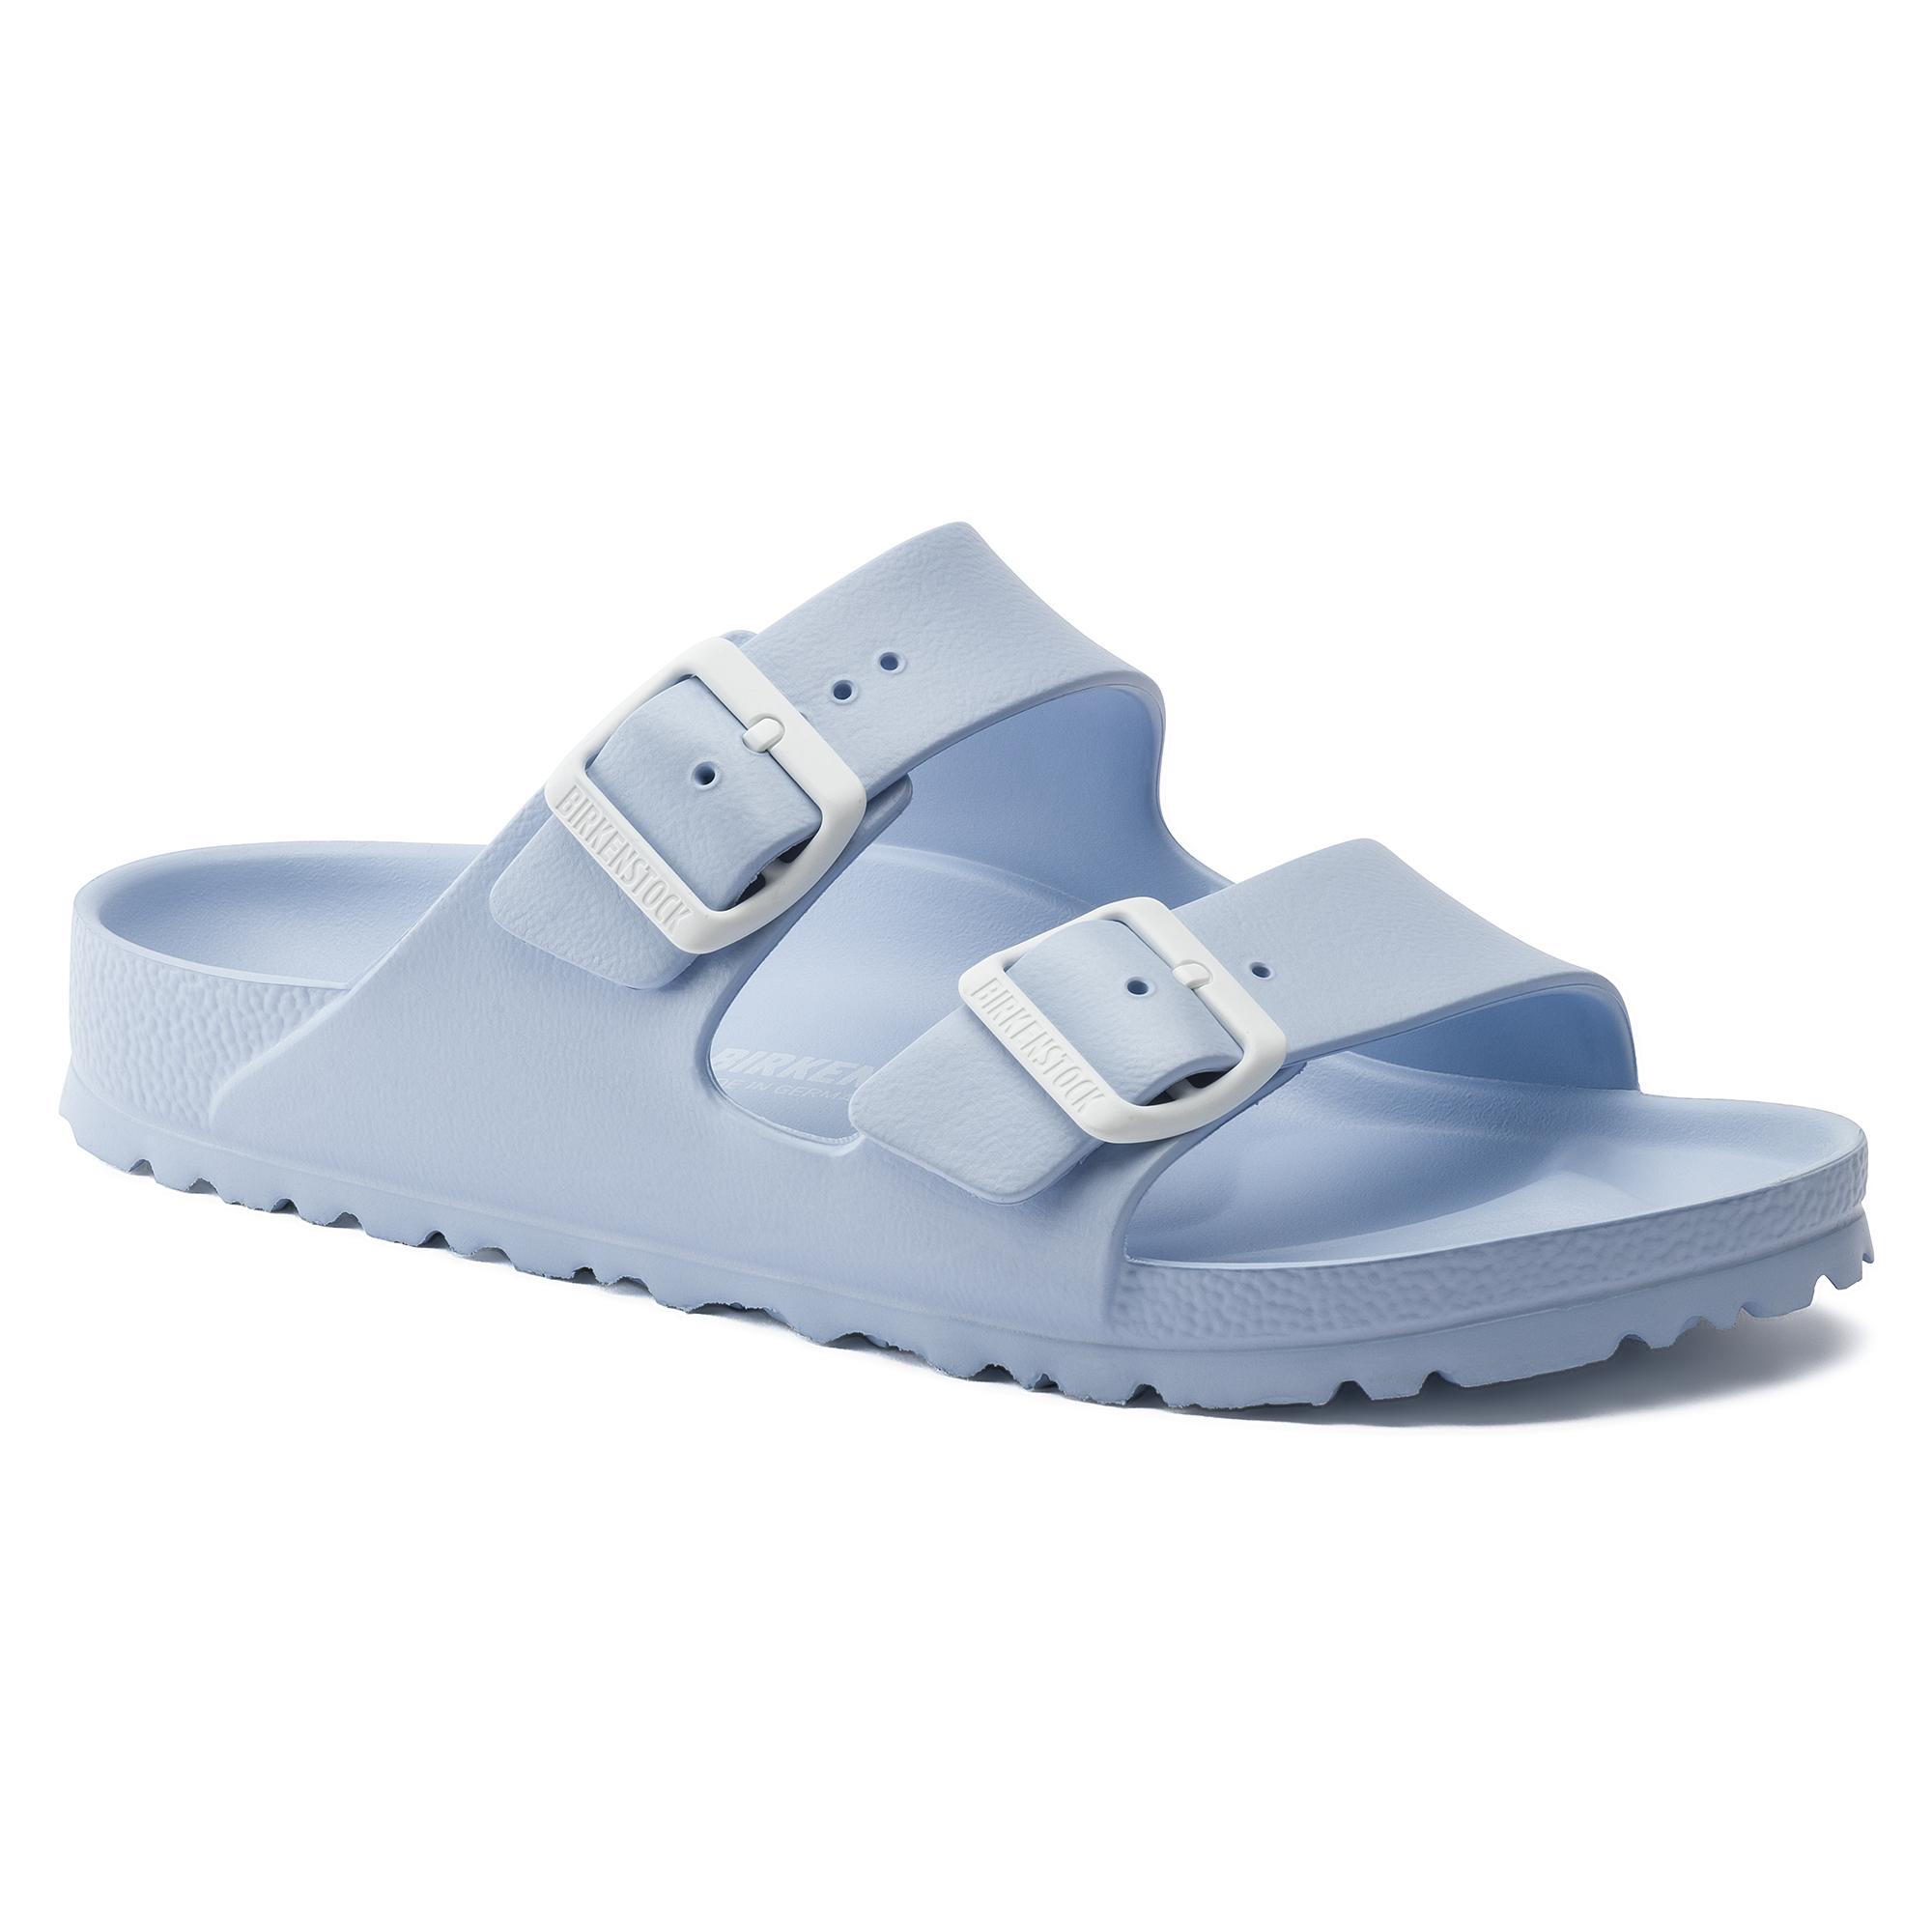 a5ca9138701 Arizona EVA Soft Blue